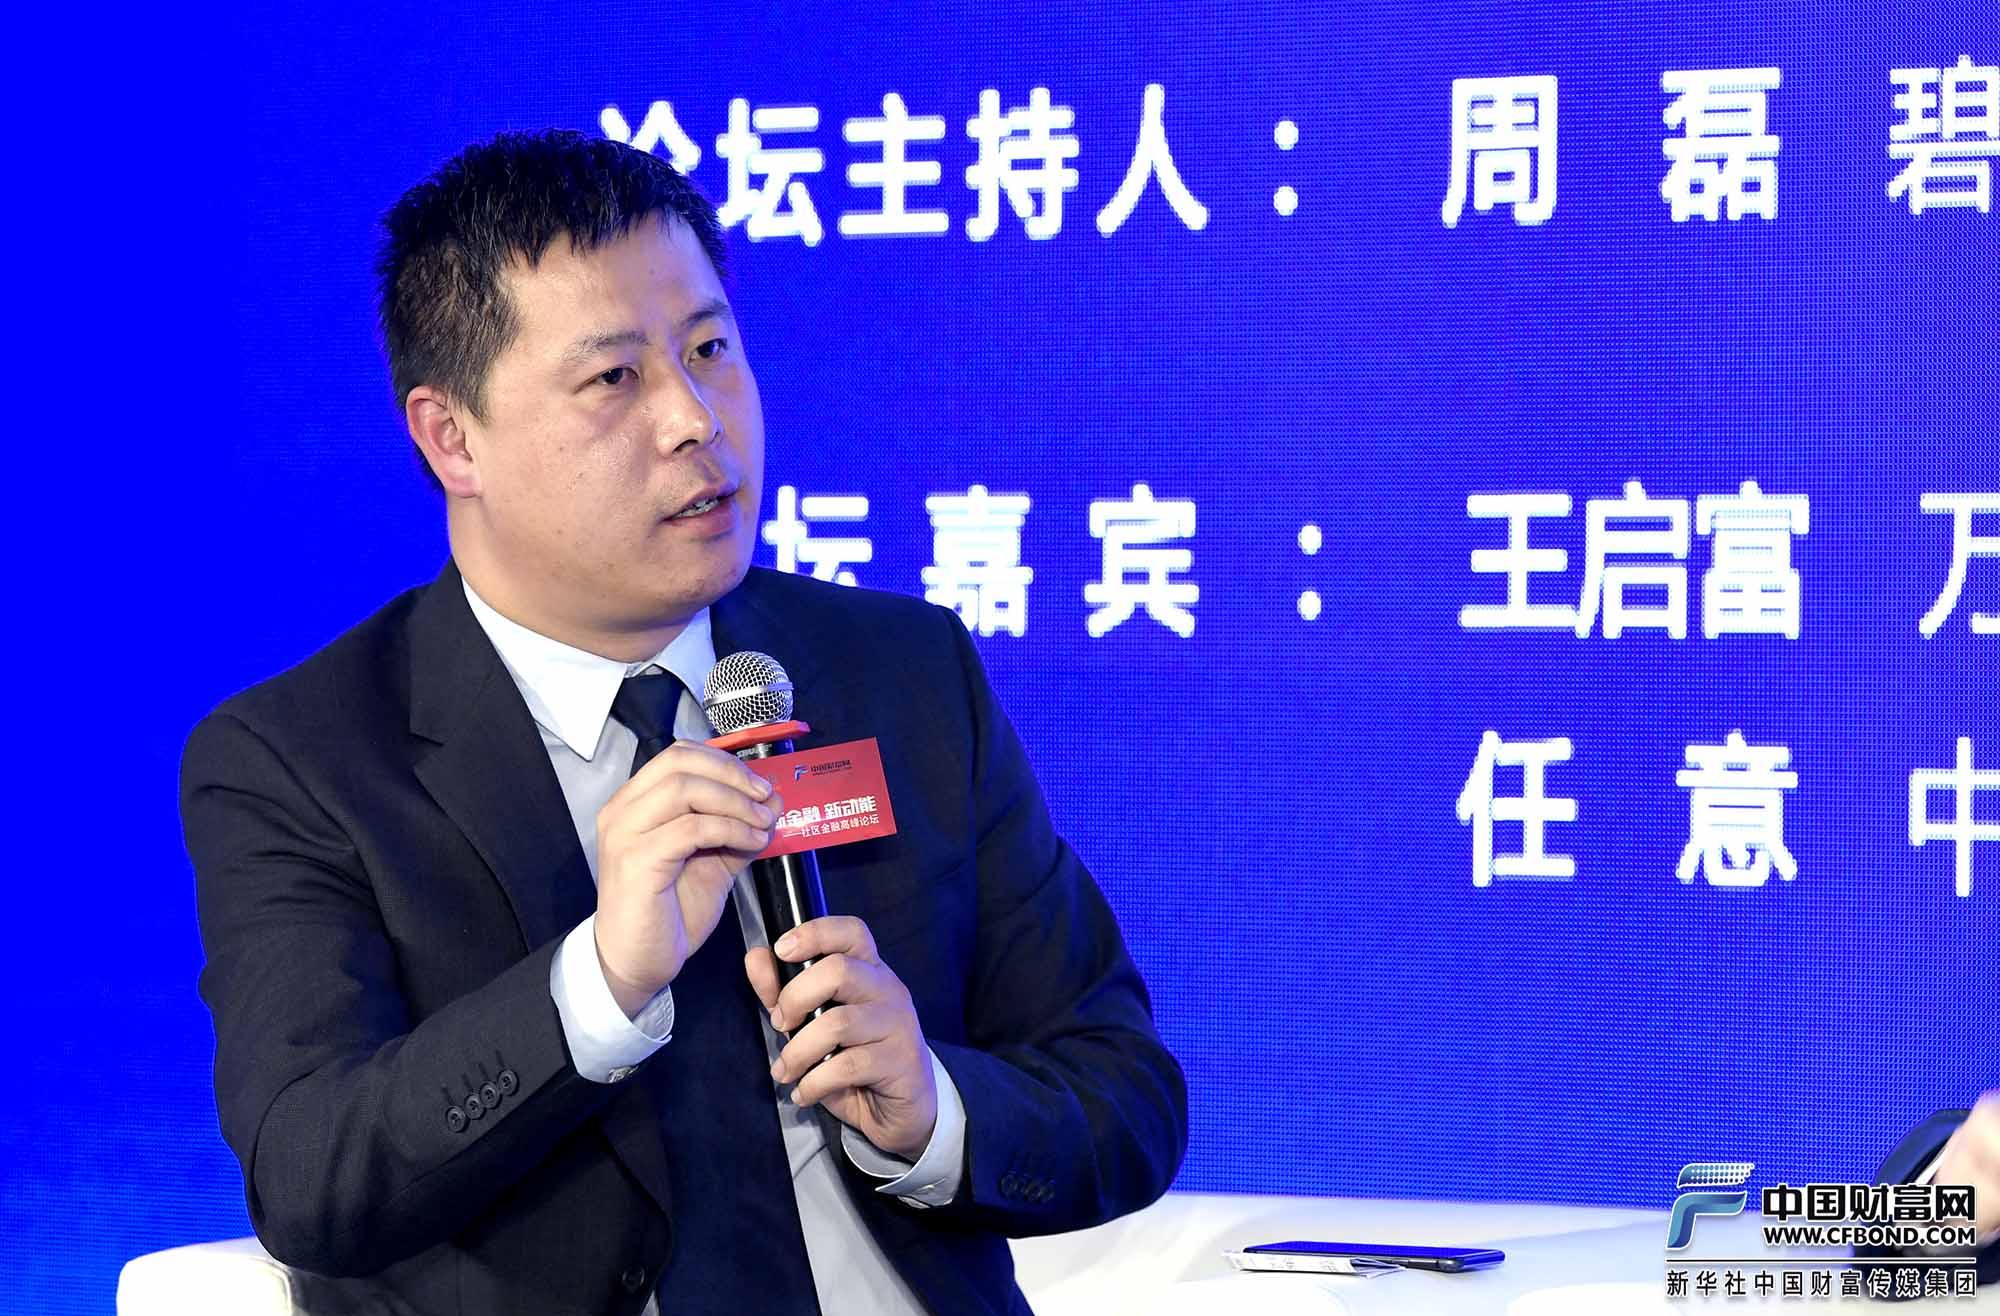 圆桌论坛二主持人:碧有信地产基金事业部总经理周磊